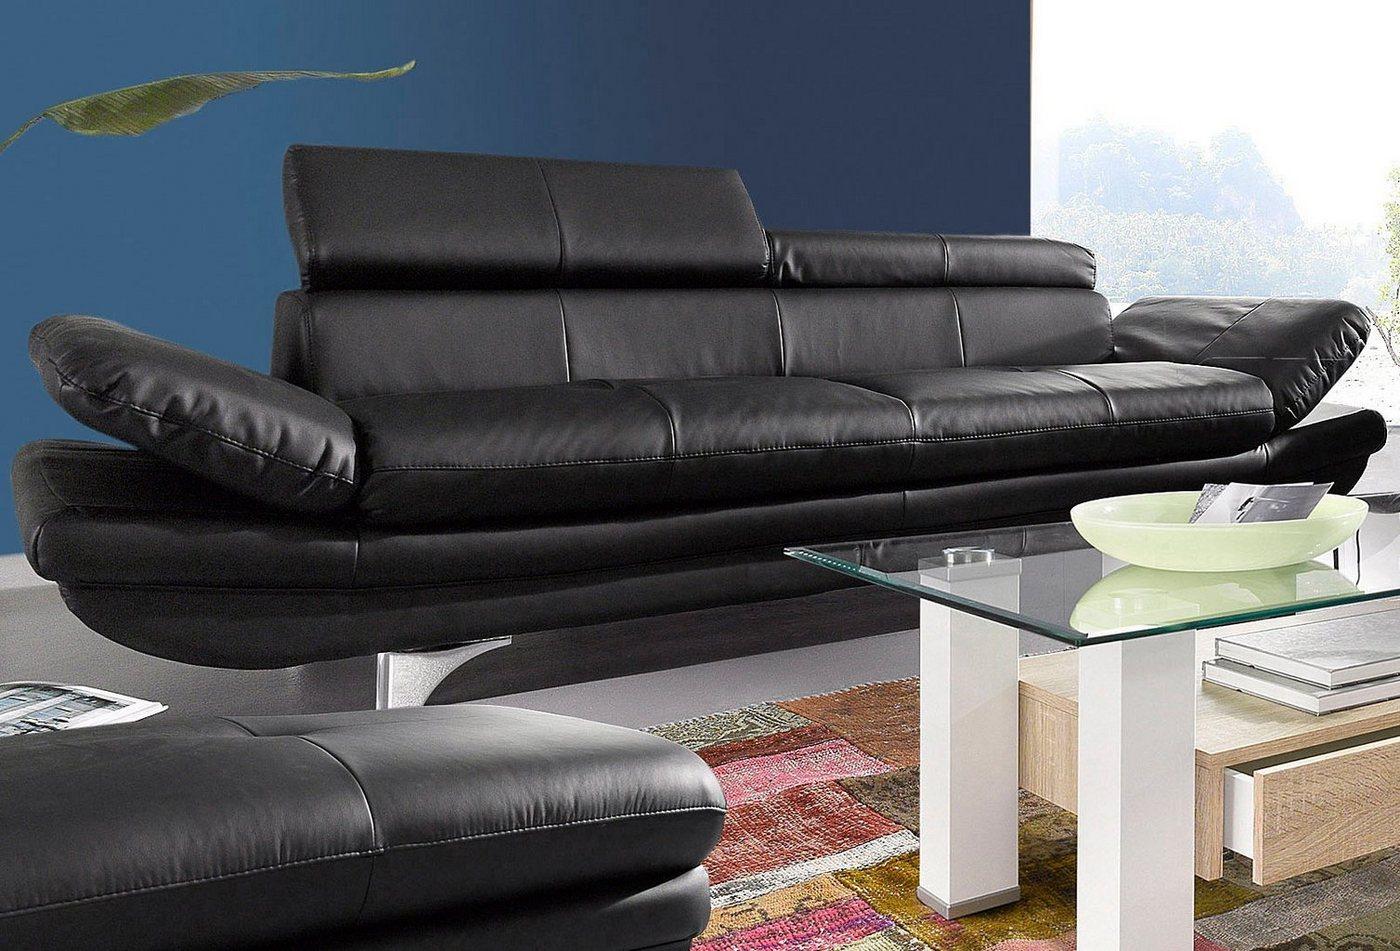 COTTA 3-Sitzer | Wohnzimmer > Sofas & Couches > 2 & 3 Sitzer Sofas | Schwarz | COTTA